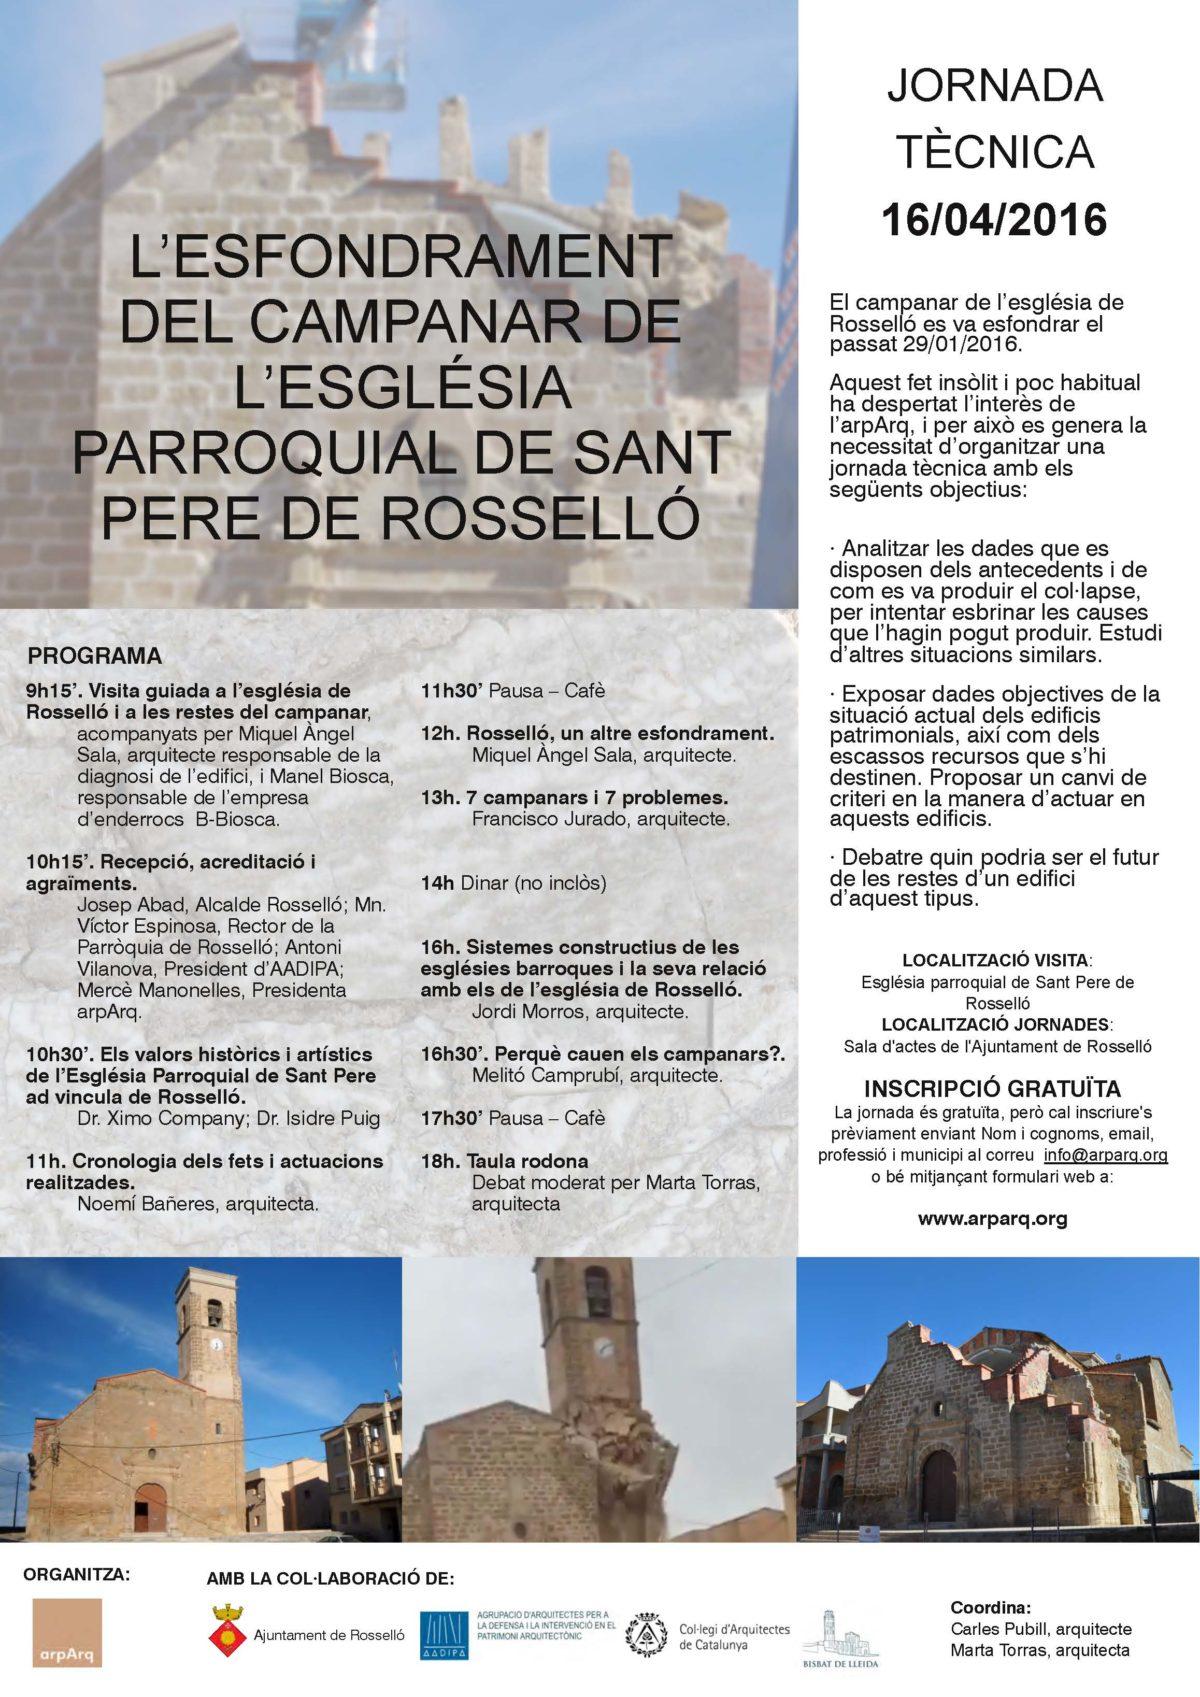 Jornada Tècnica: L'esfondrament del campanar de l'església parroquial de Sant Pere de Rosselló